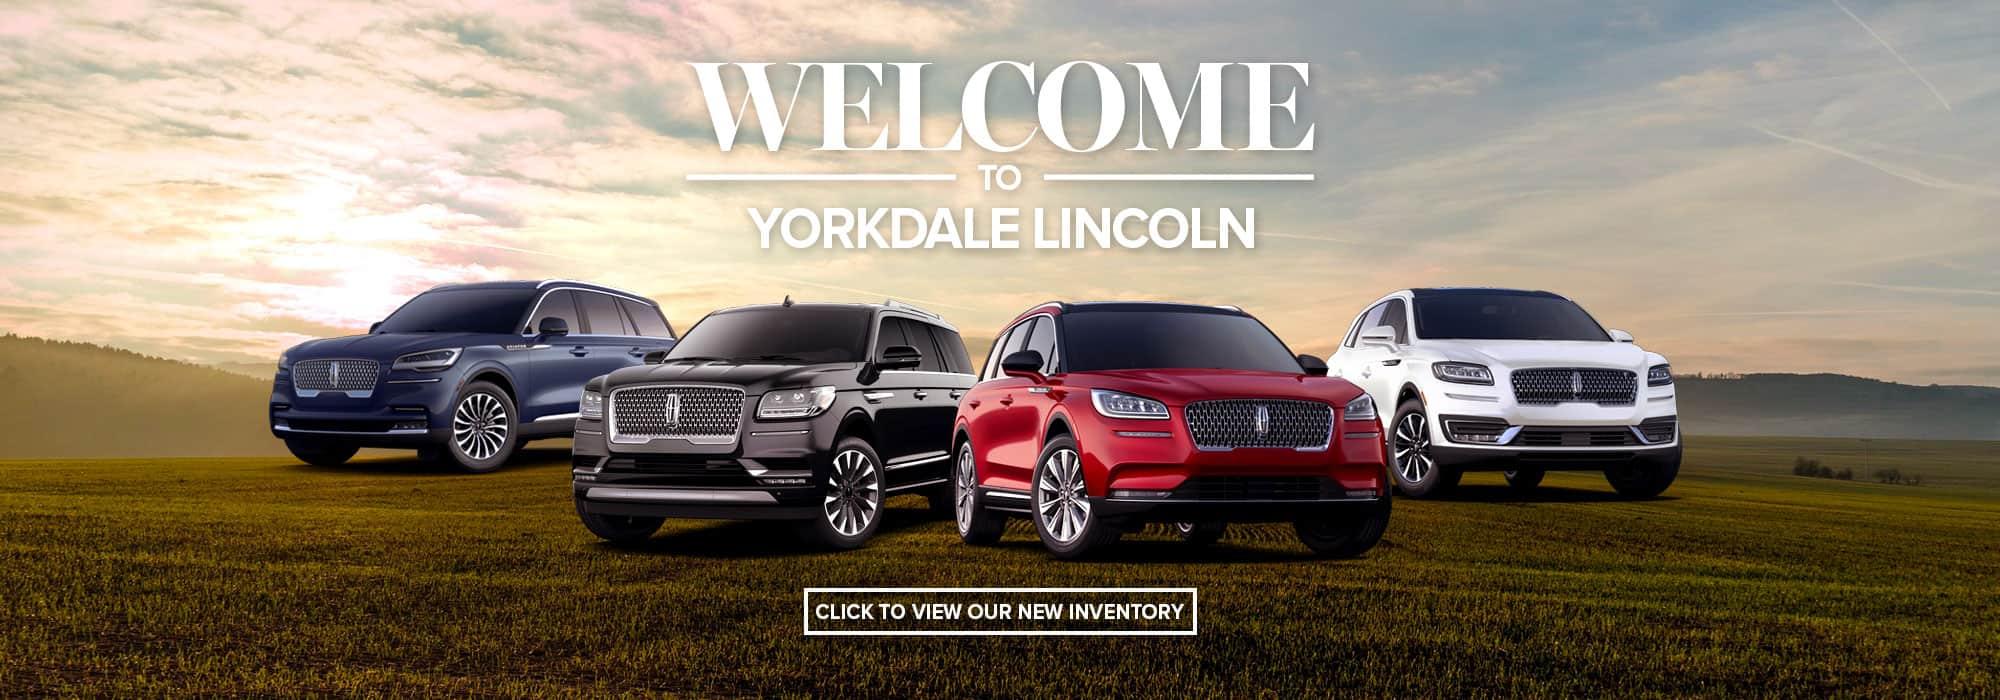 yorkdale-lincoln-default-slide-2021